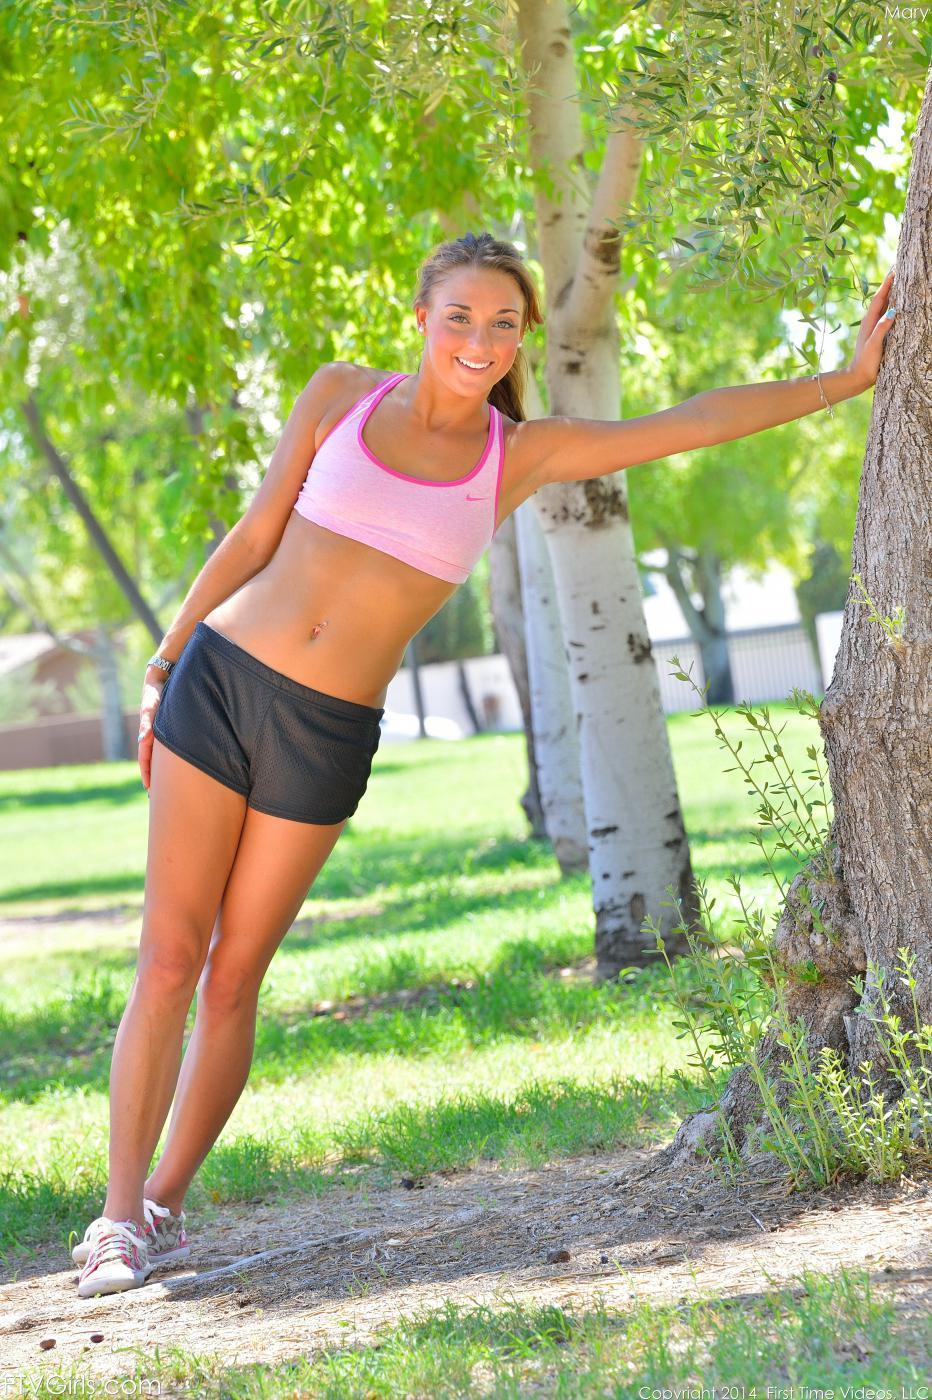 Игривая Marry Lynn обнажает голый торс после пробежки